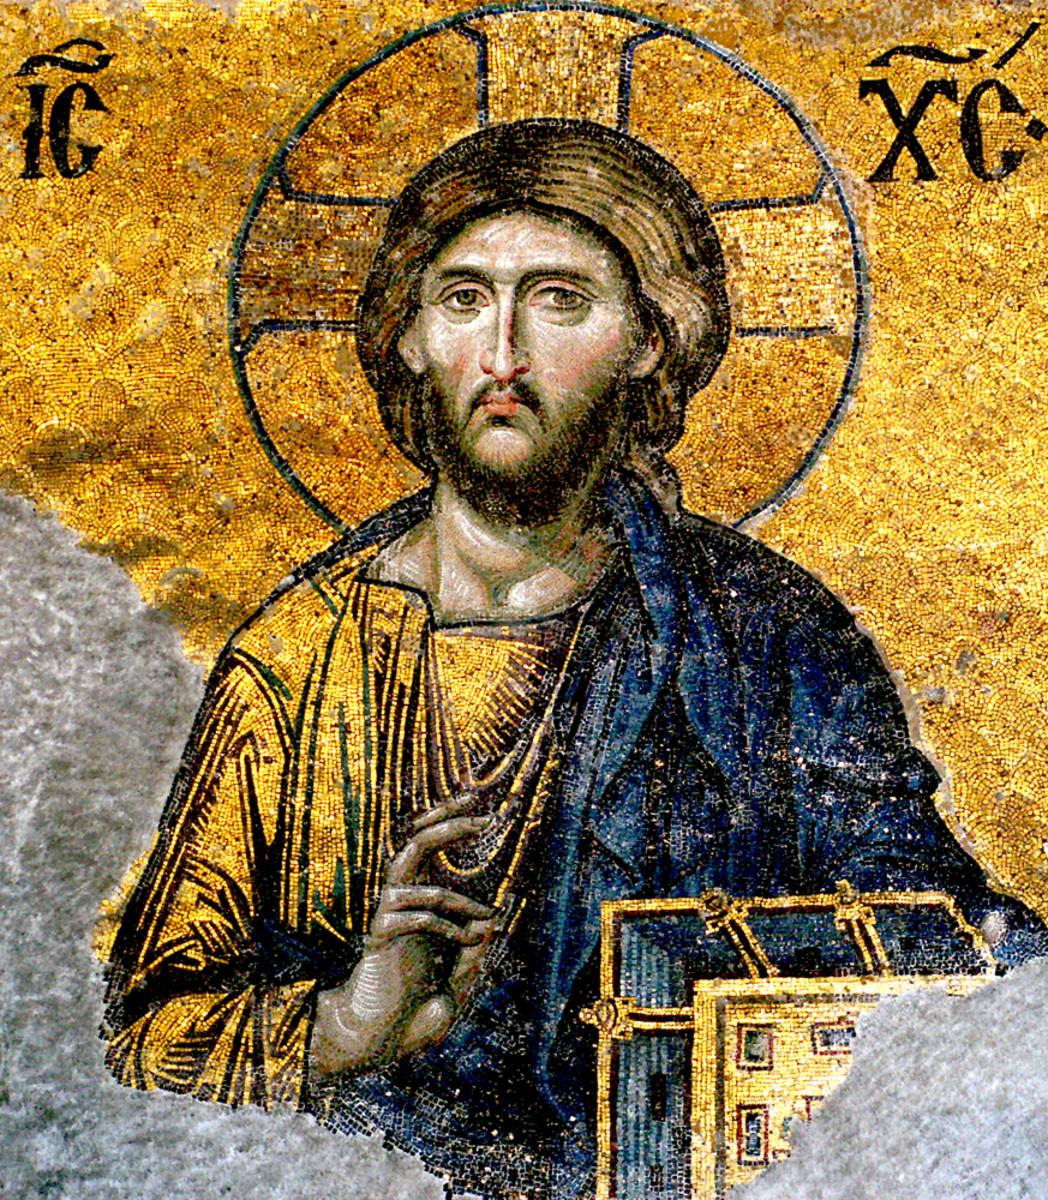 Jesus Christ mosaic, Hagia Sophia.